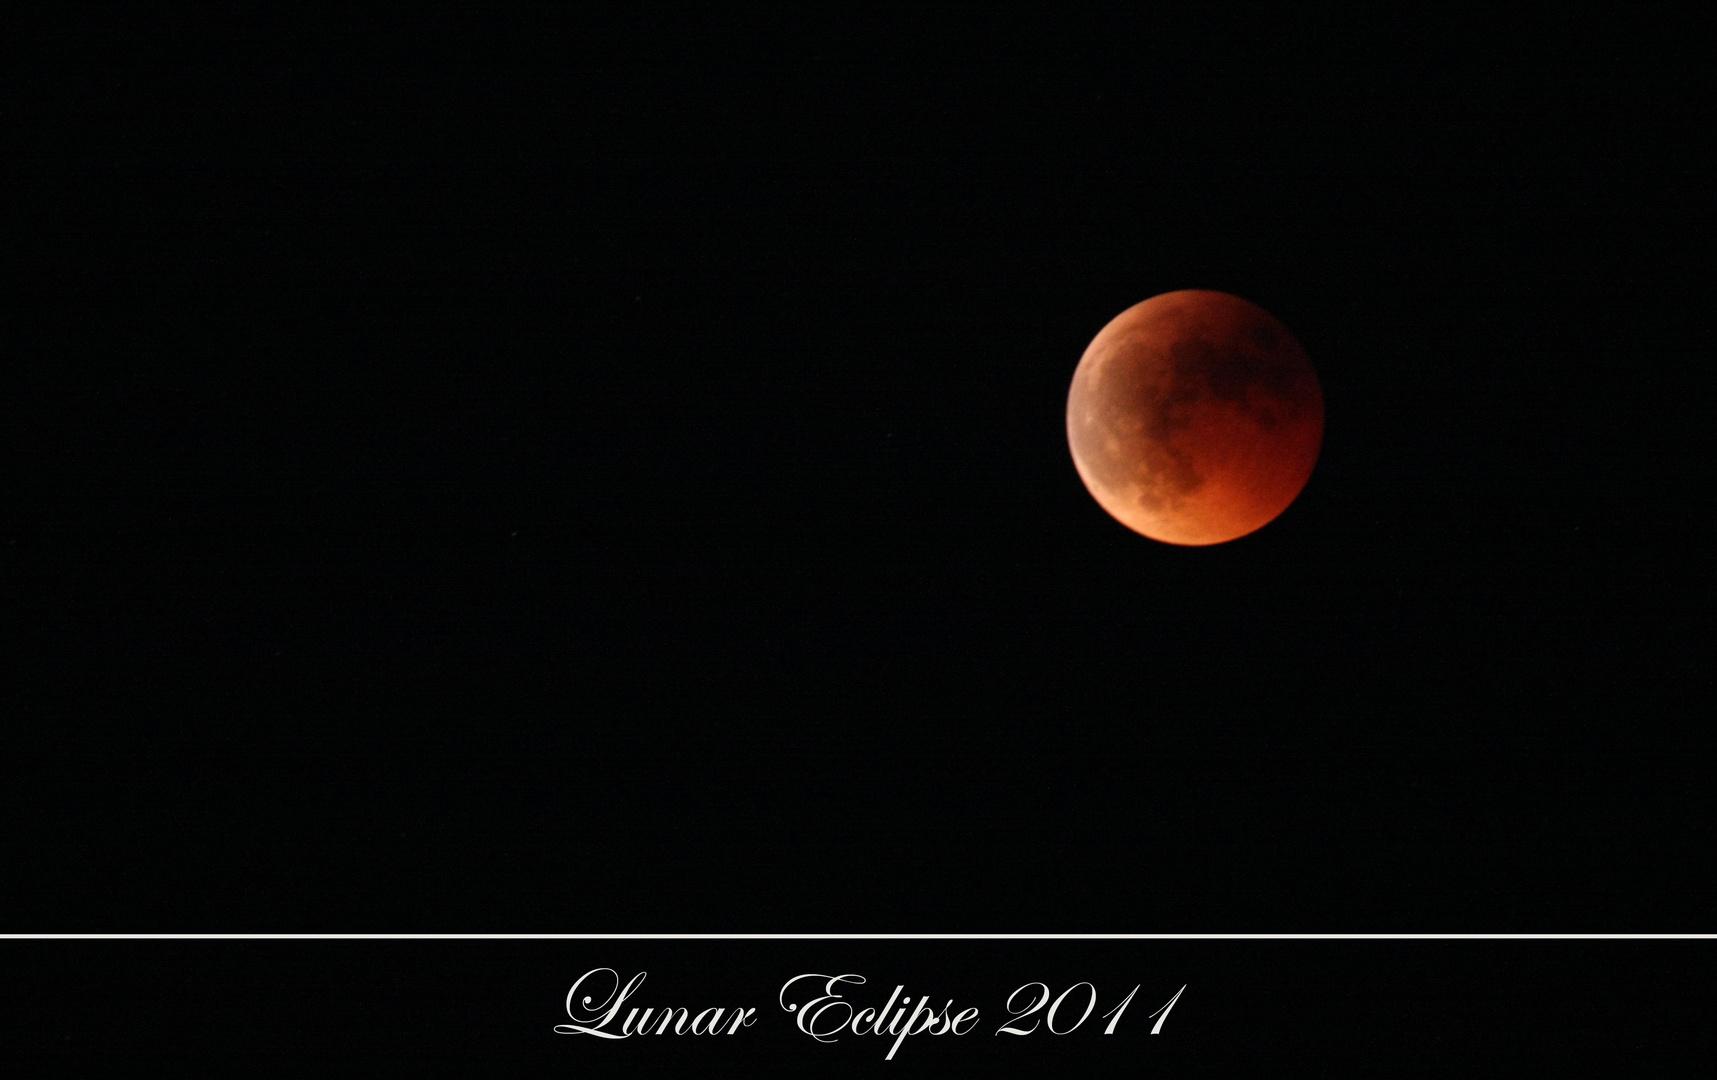 Lunar Eclipse 2011